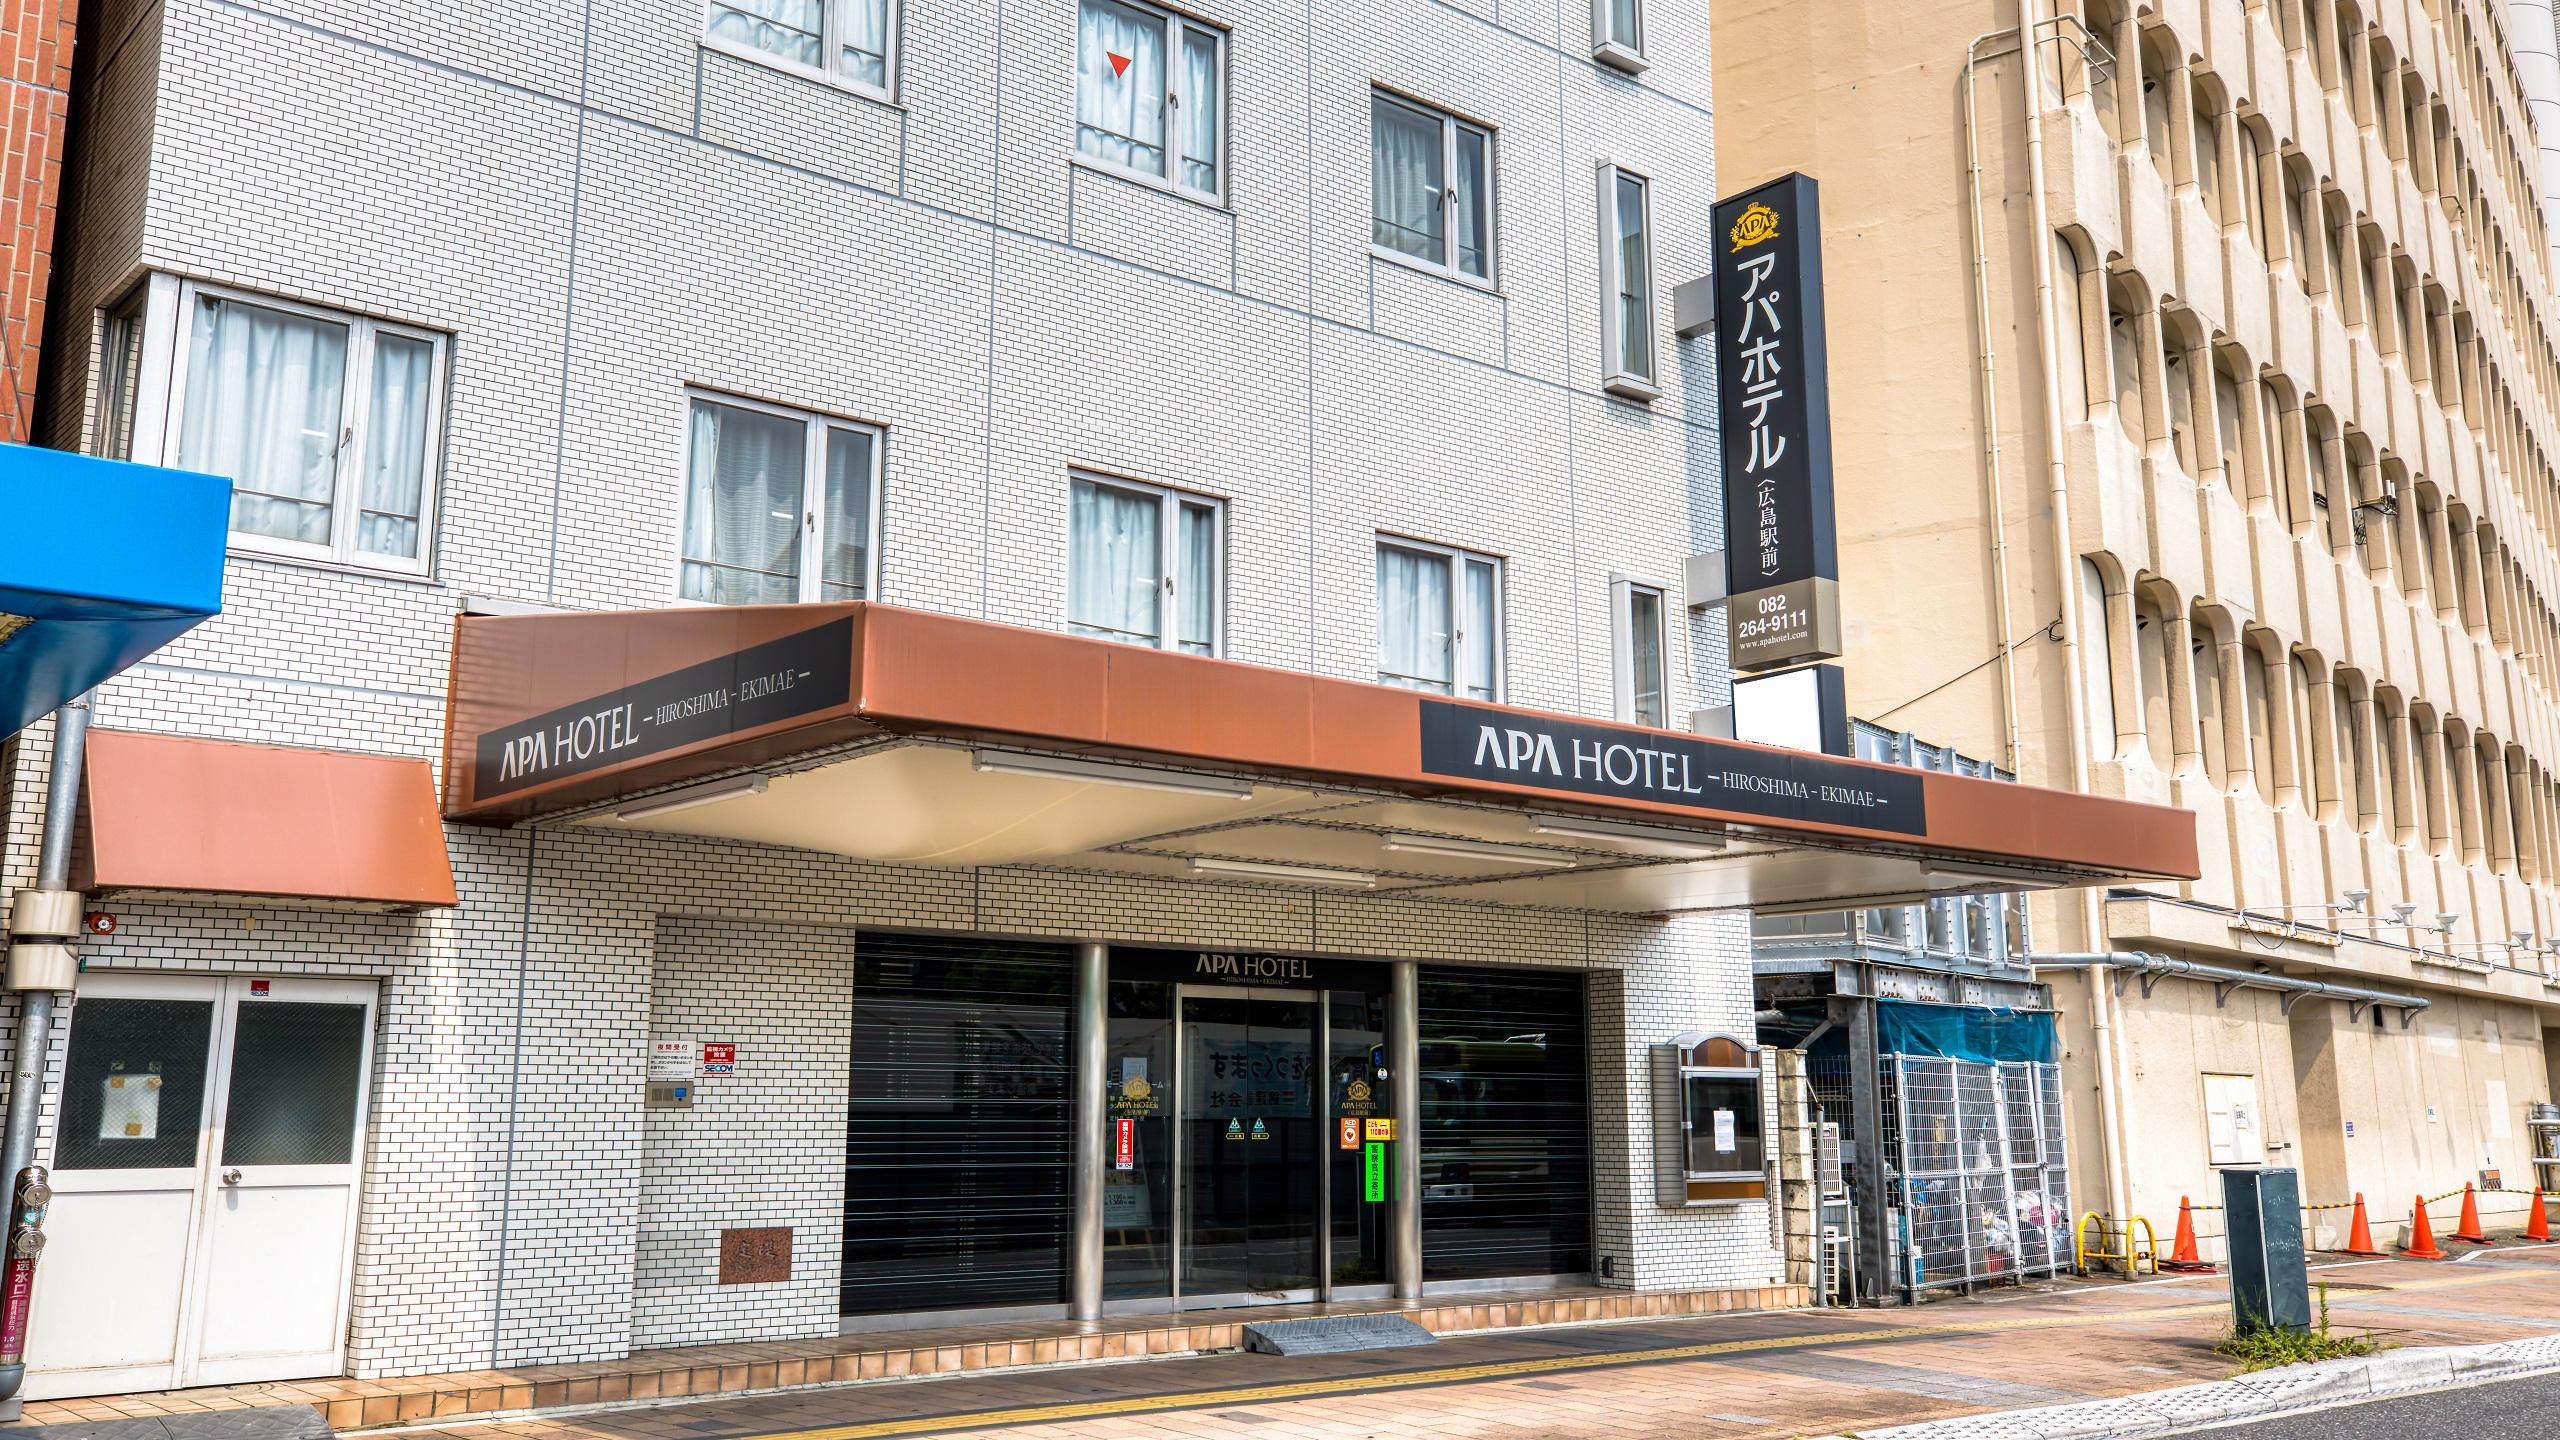 アパホテル<広島駅前>